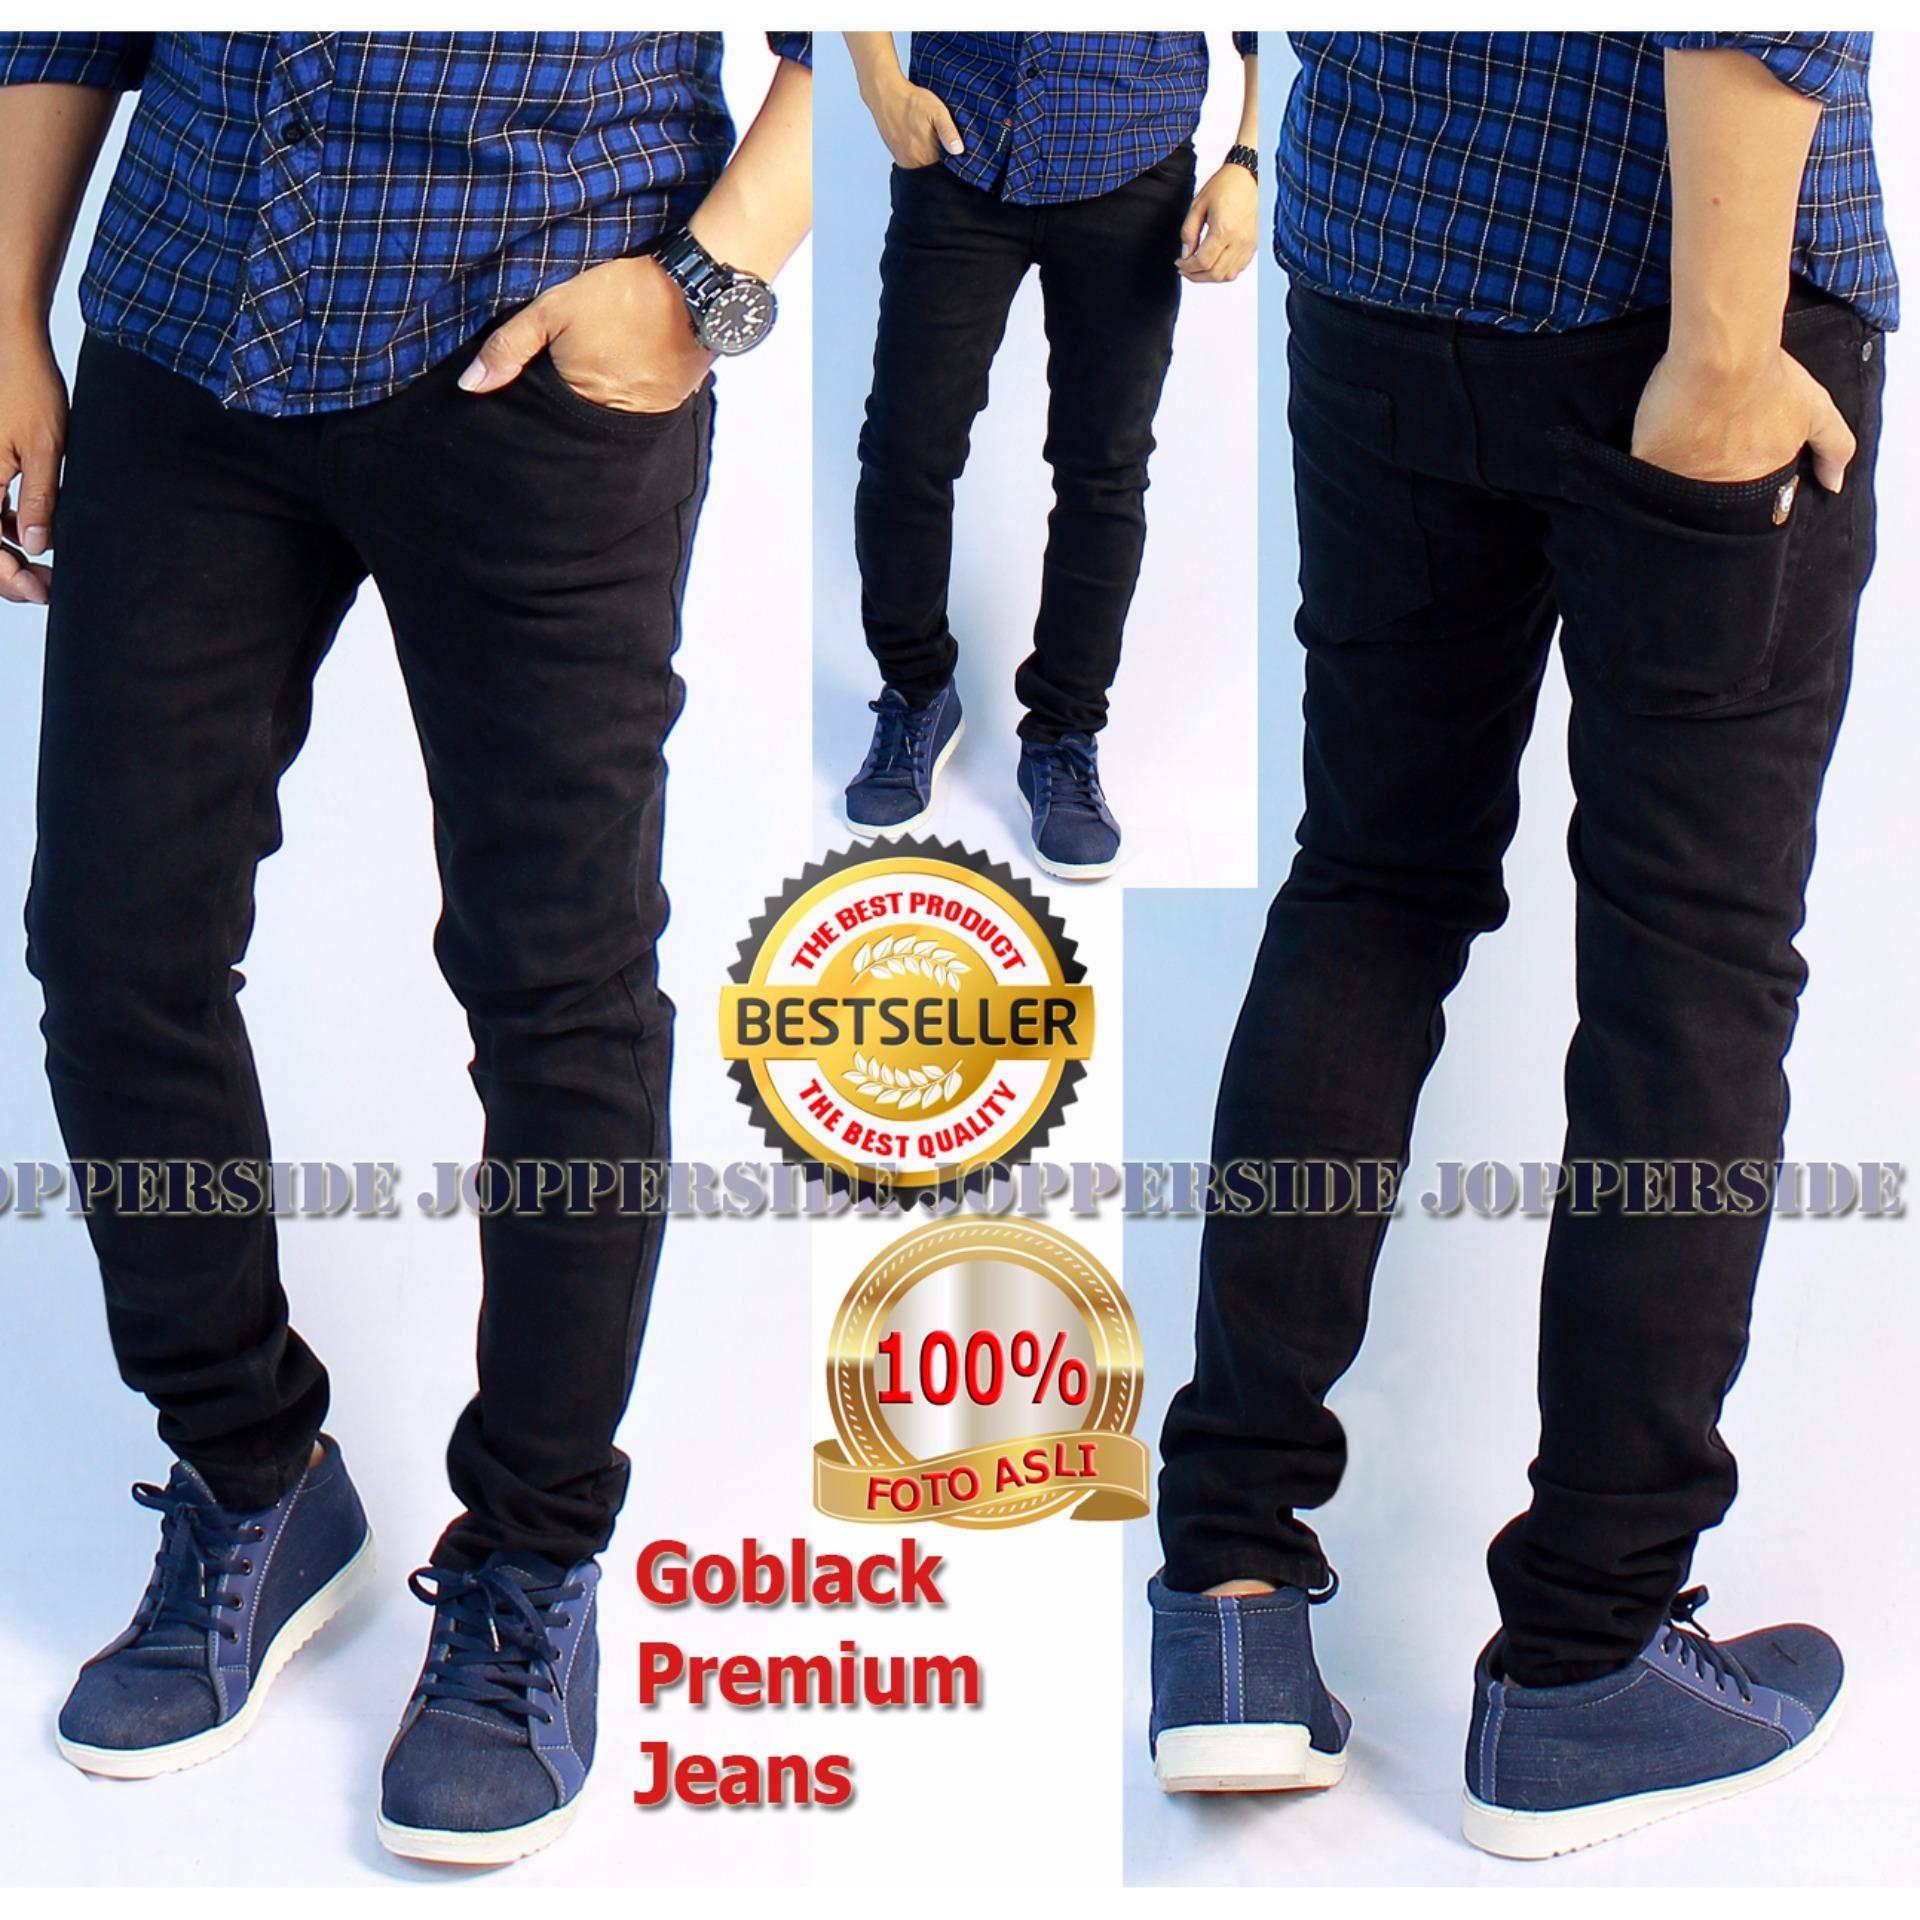 Jual Beli Online Jopperside Goblack Celana Jeans Premium Pria Black Hitam Polos